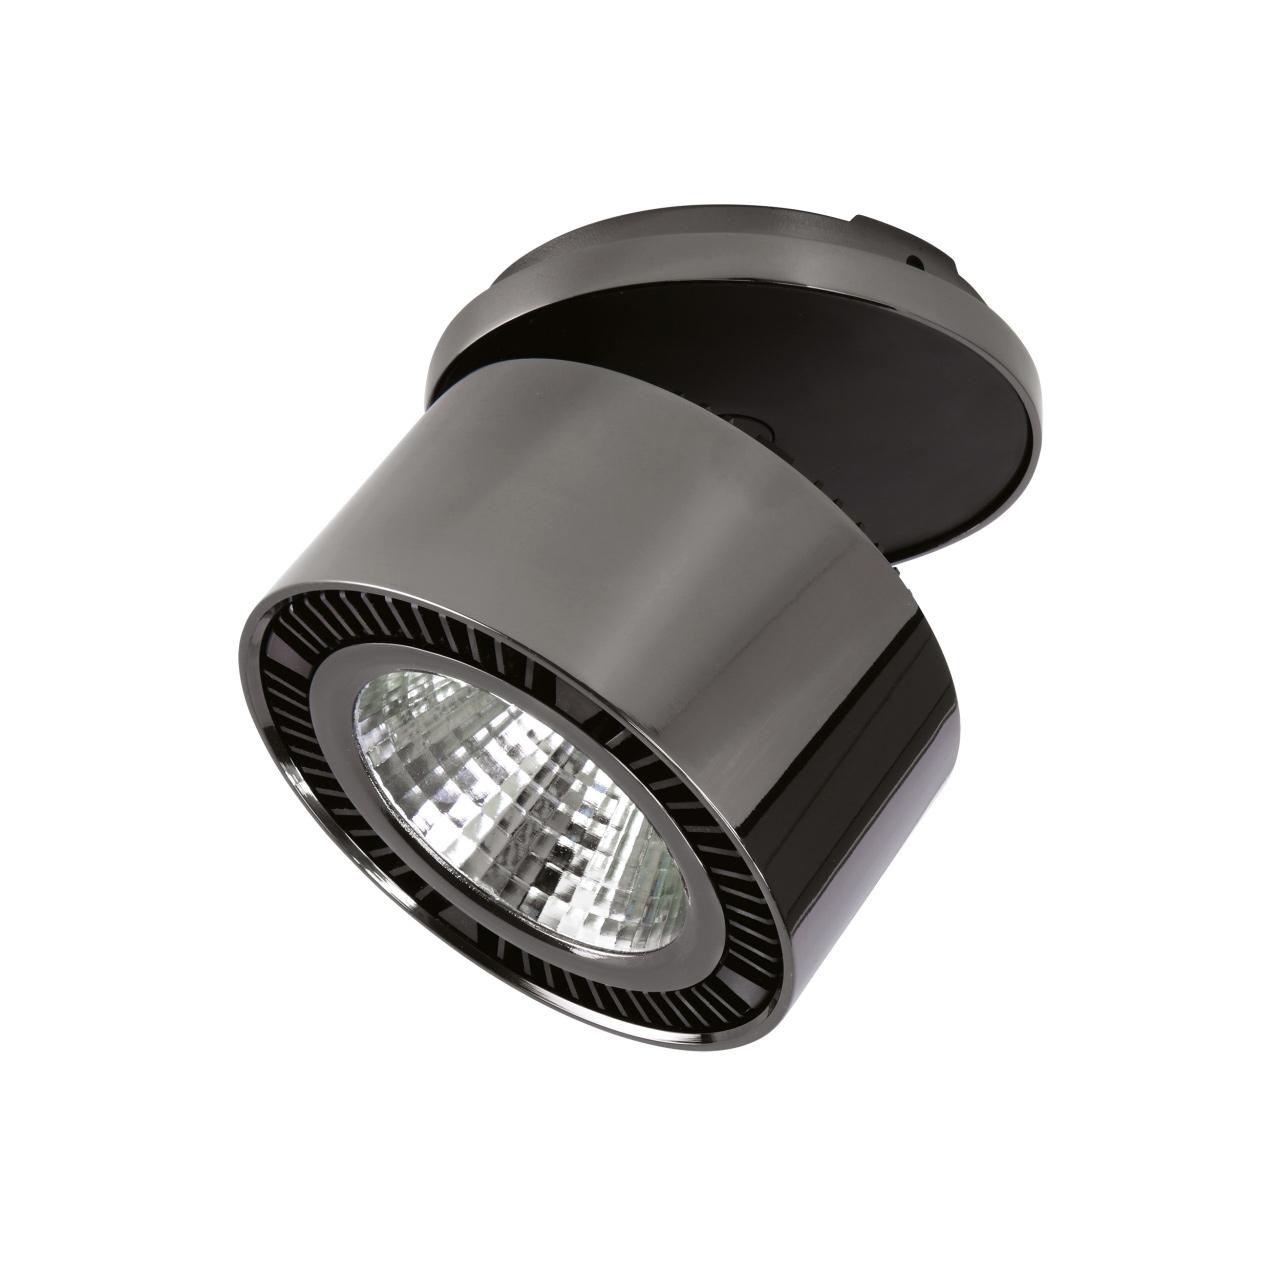 Светильник Forte inca LED 15W 1240LM 30G черный никель 4000K Lightstar 214808